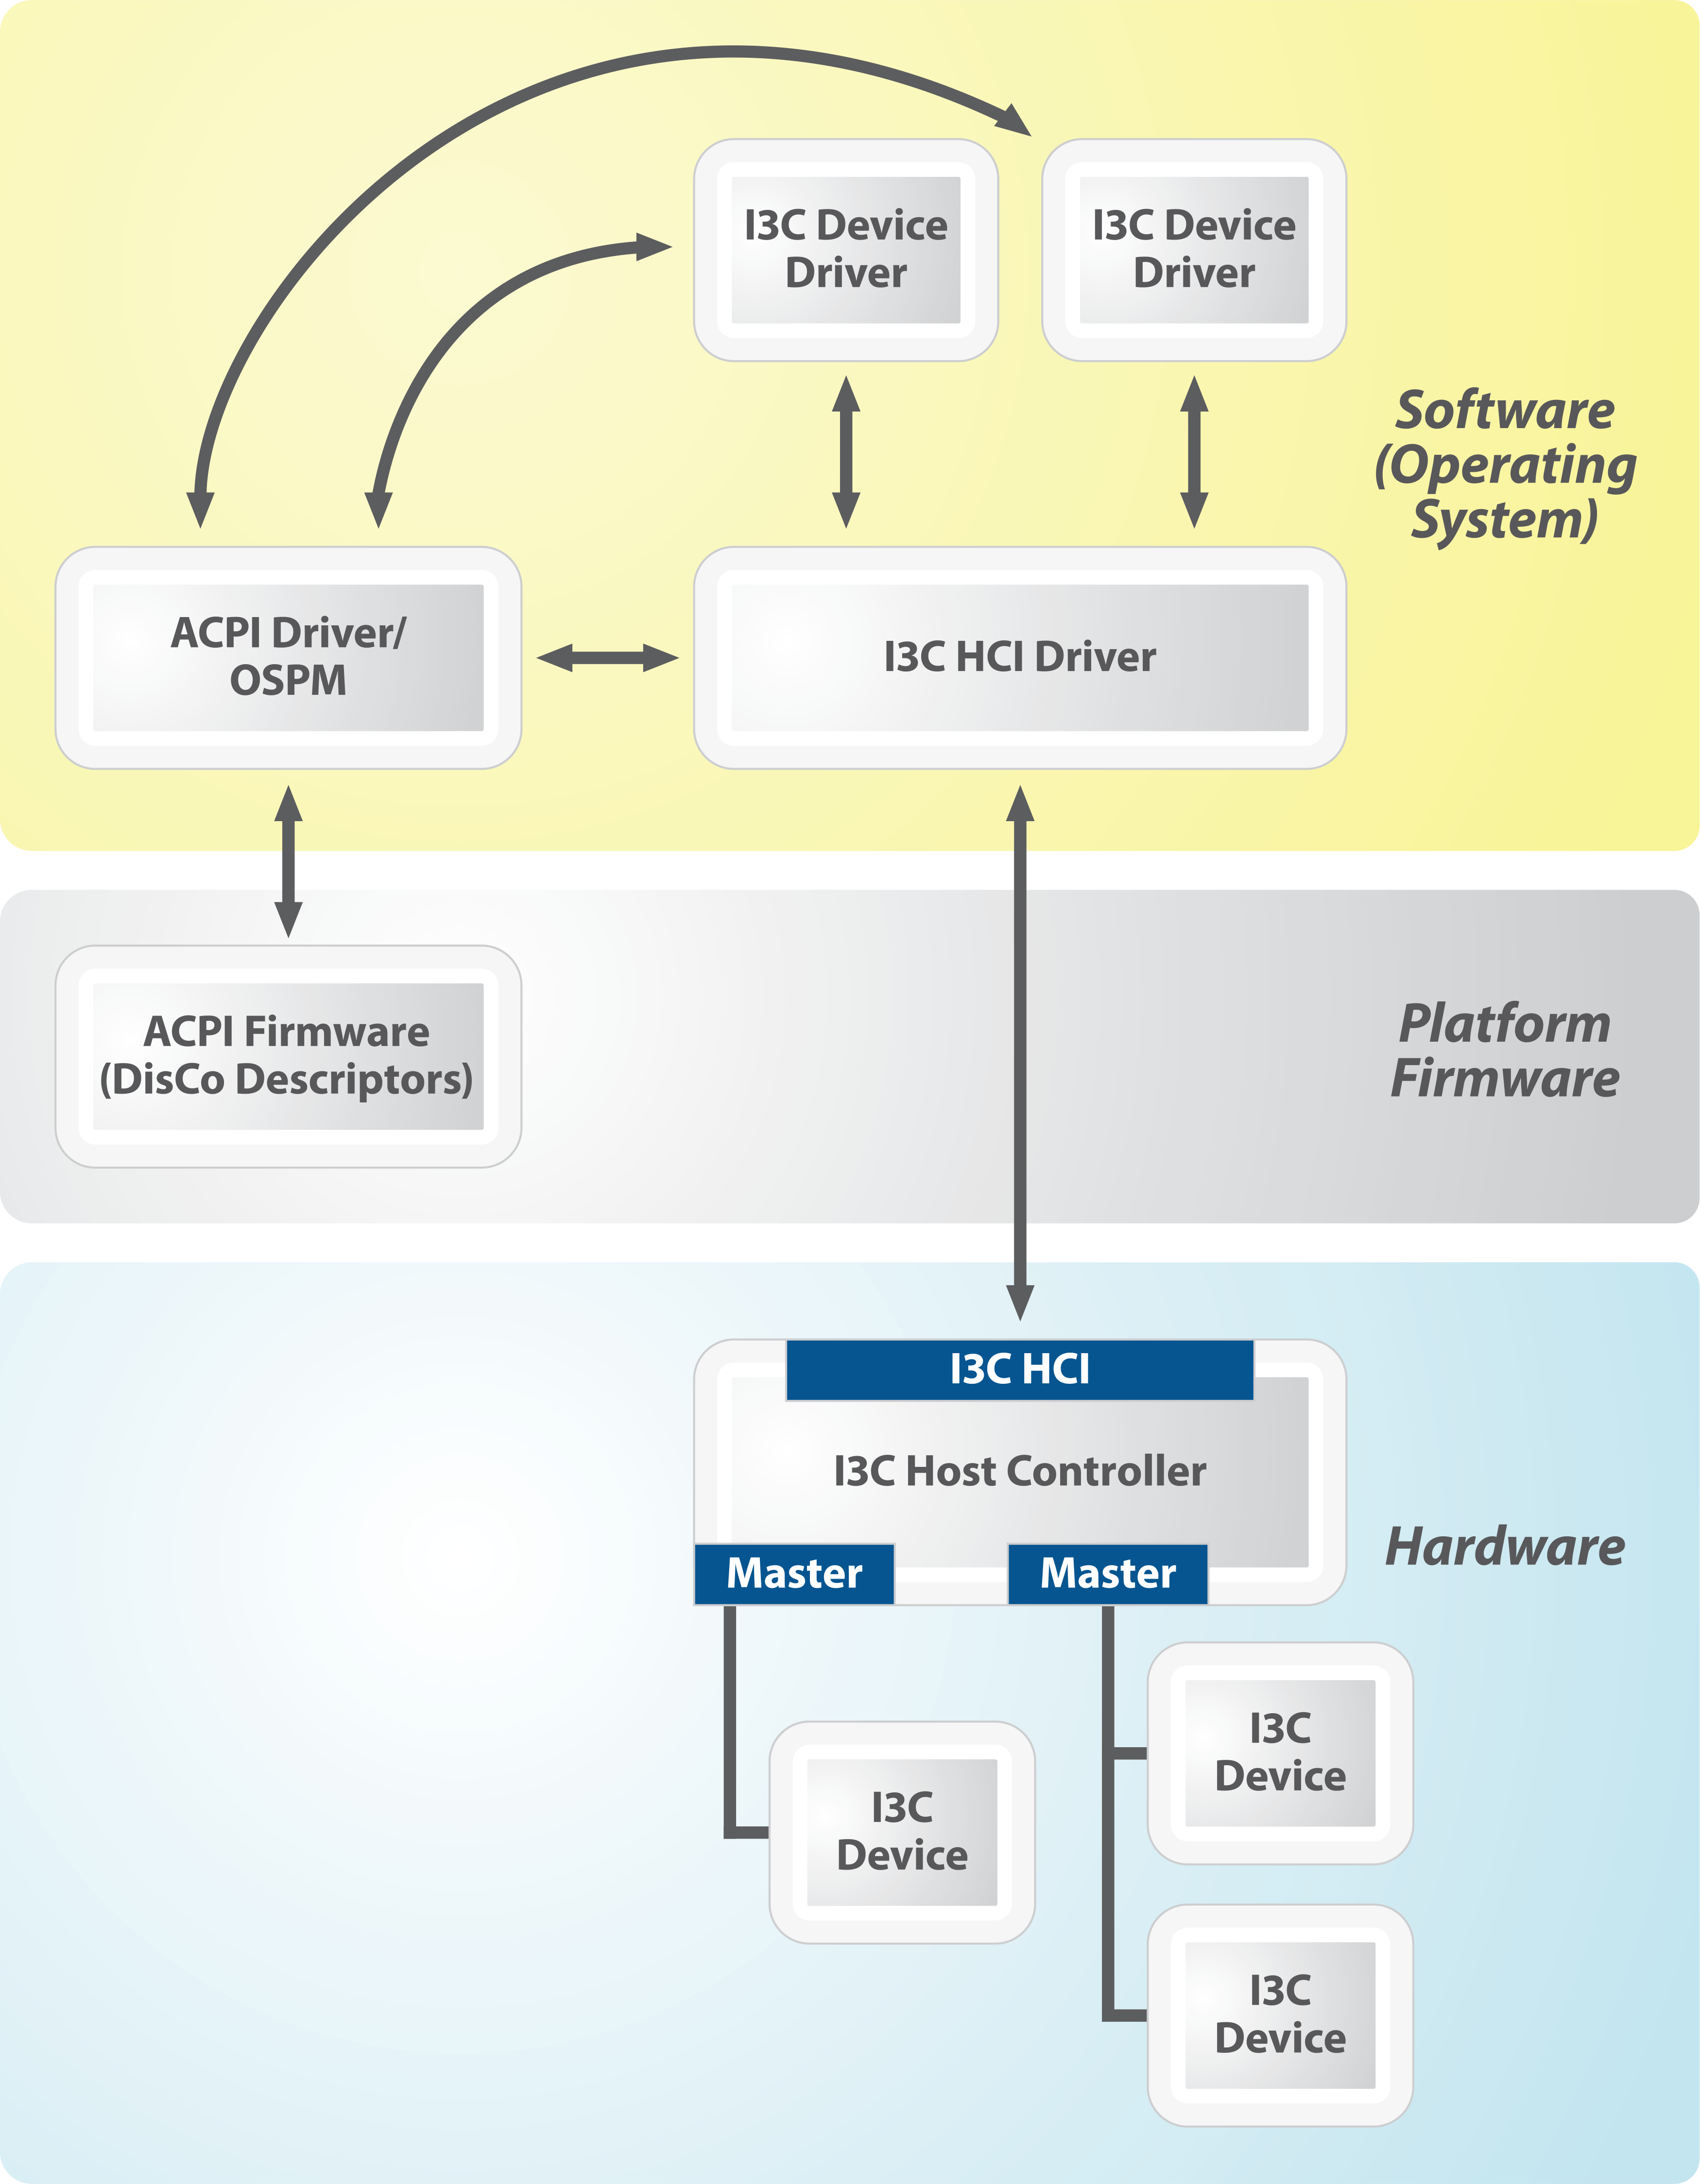 disco-for-i3c-framework-diagram